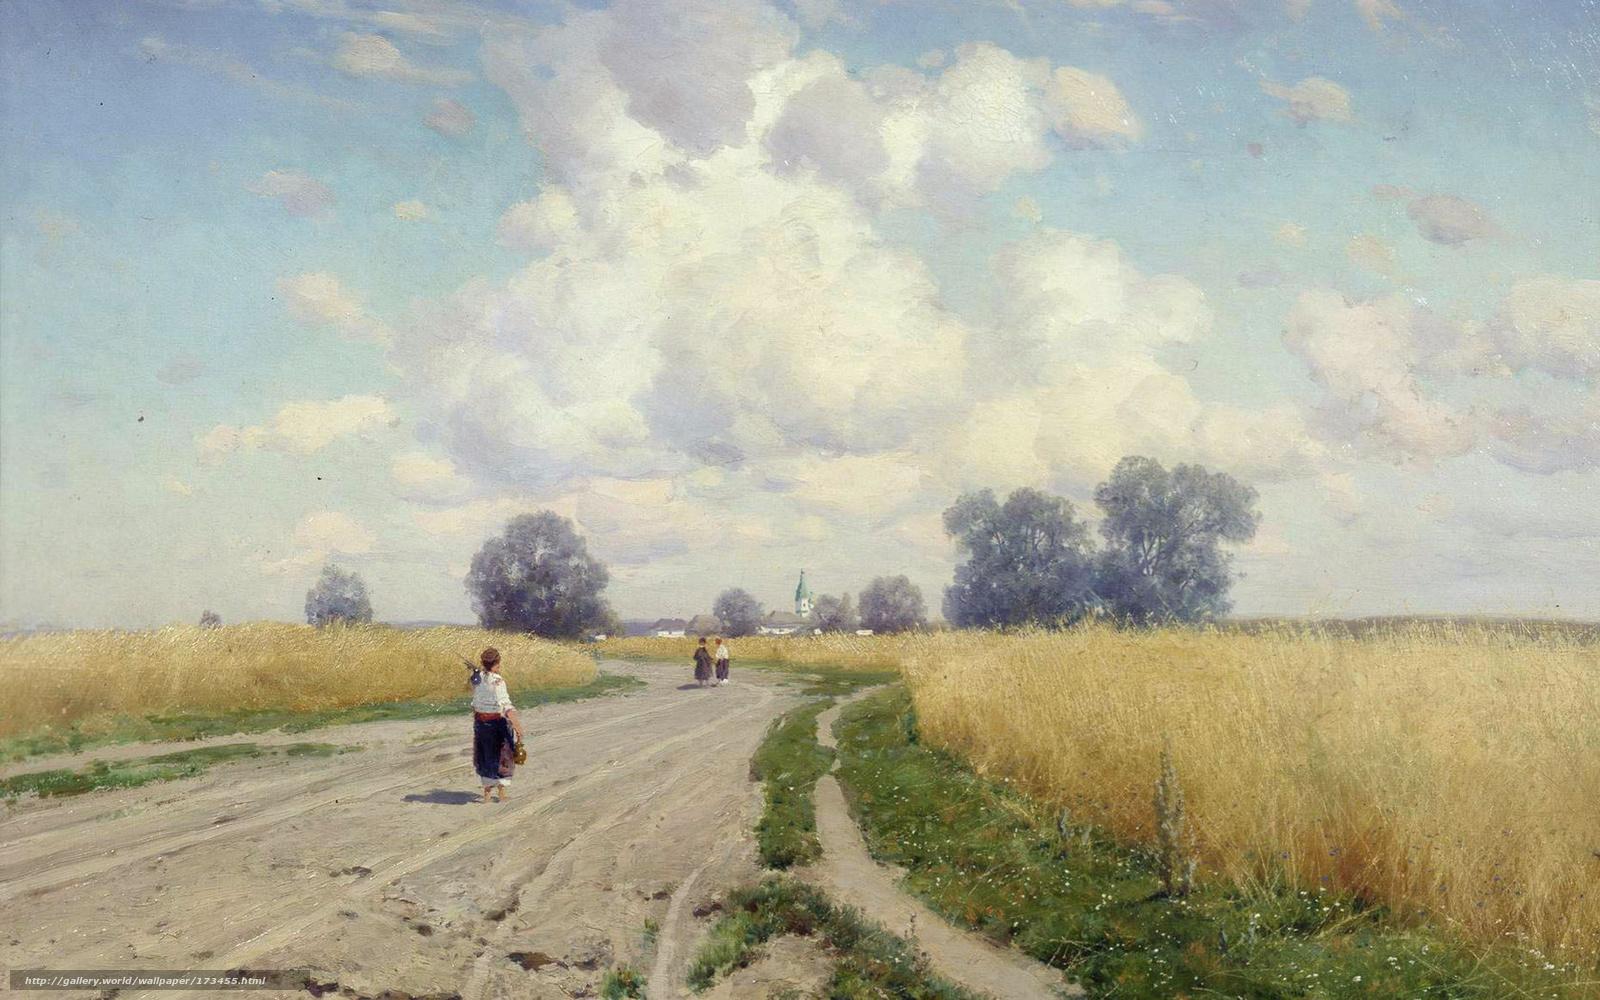 http://www.gdefon.ru/wallpapers/173455_kartina_malchik_doroga_1680x1050_(GdeFon.ru).jpg